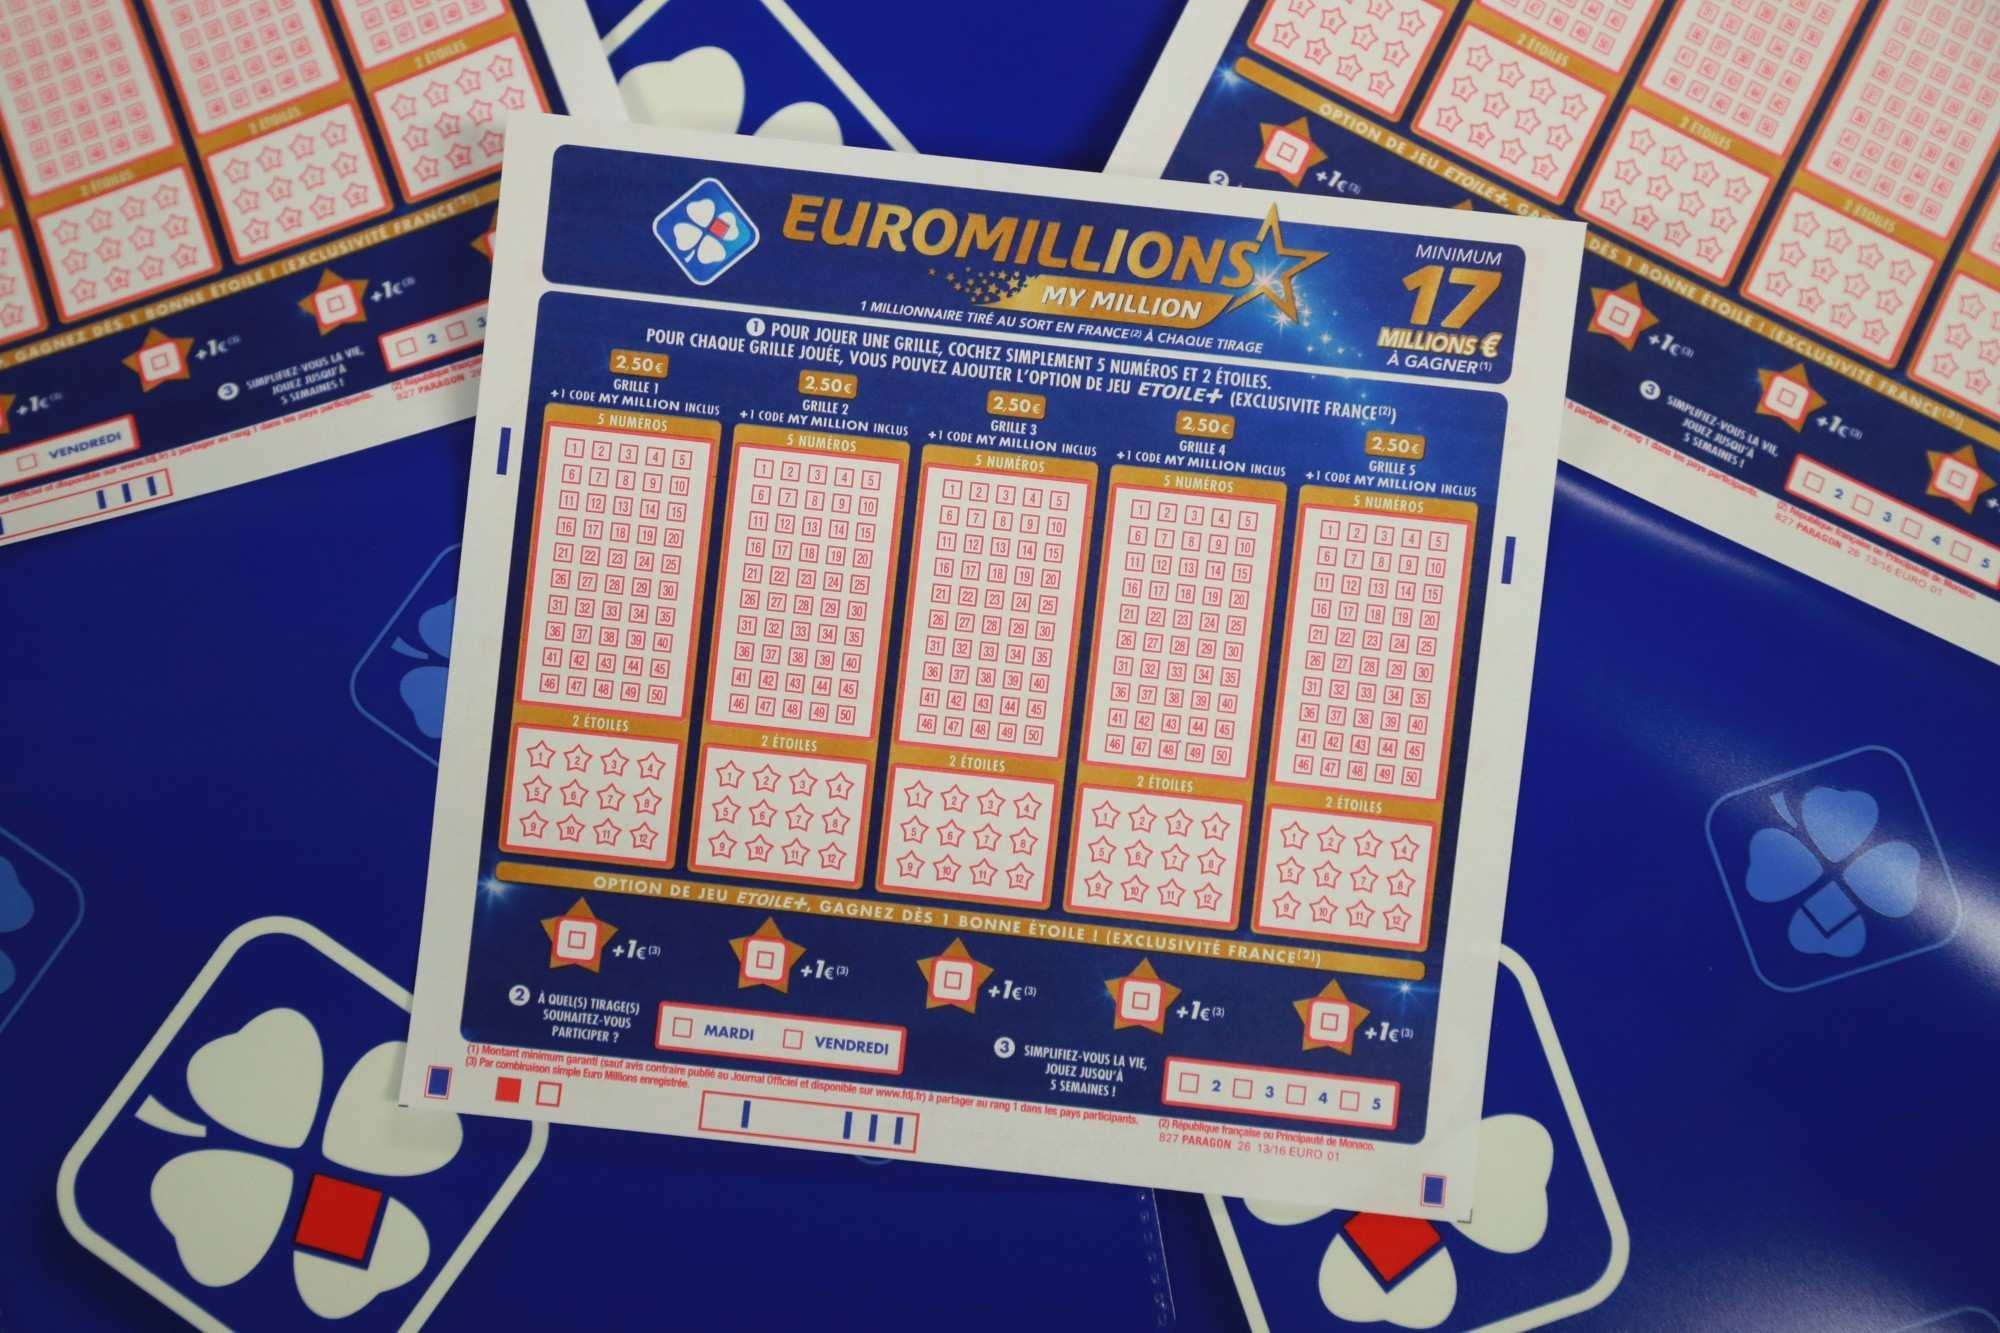 Résultat euromillions : tirage du 3 juillet 2020